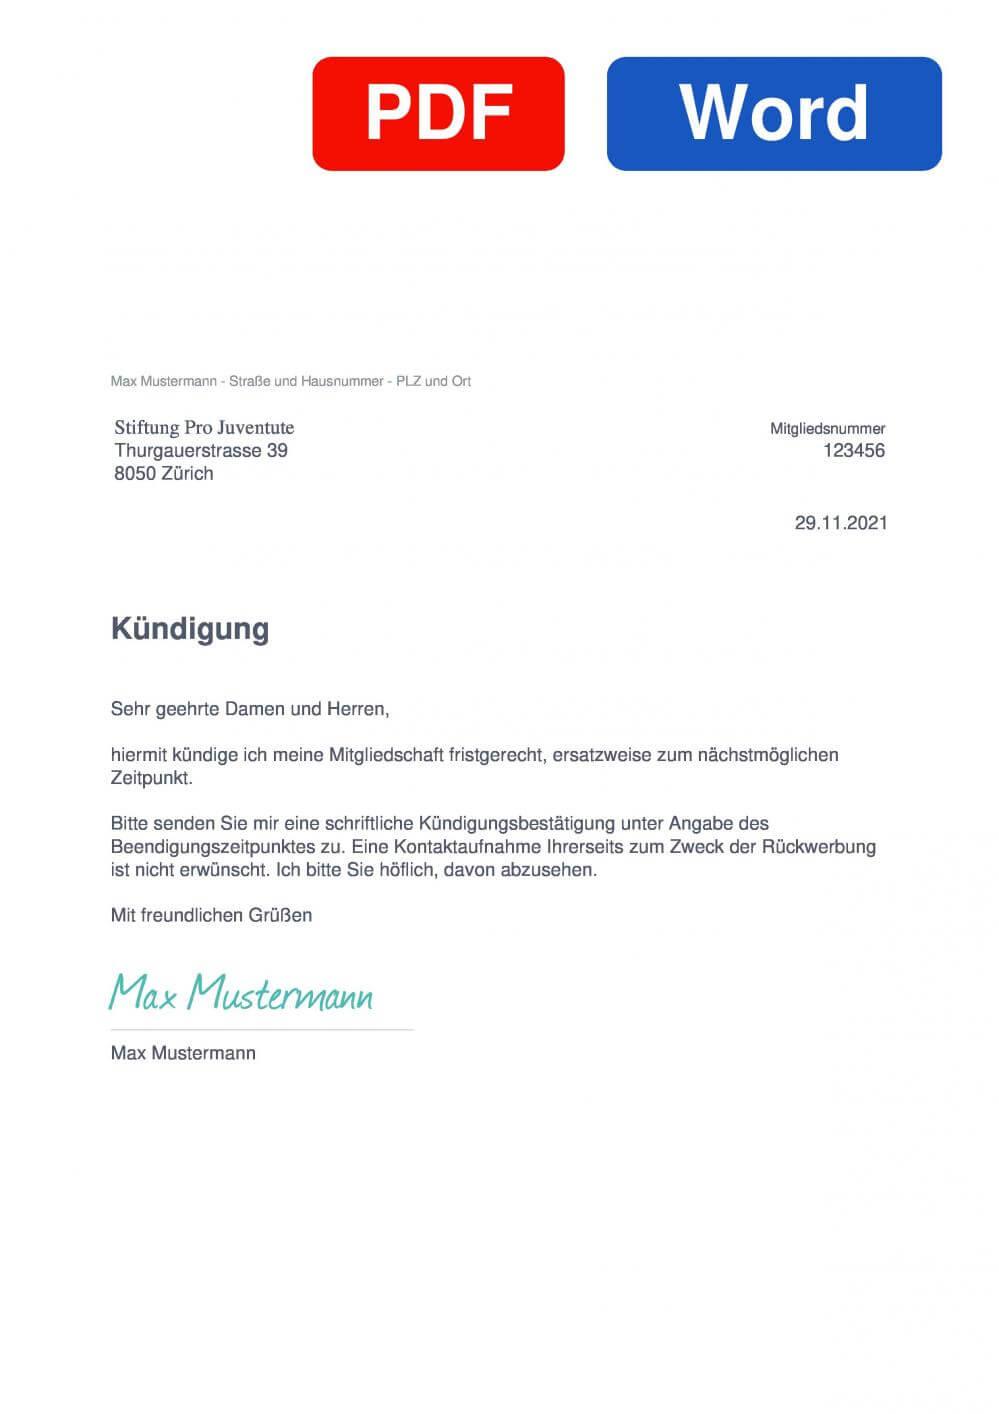 Pro Juventute Muster Vorlage für Kündigungsschreiben